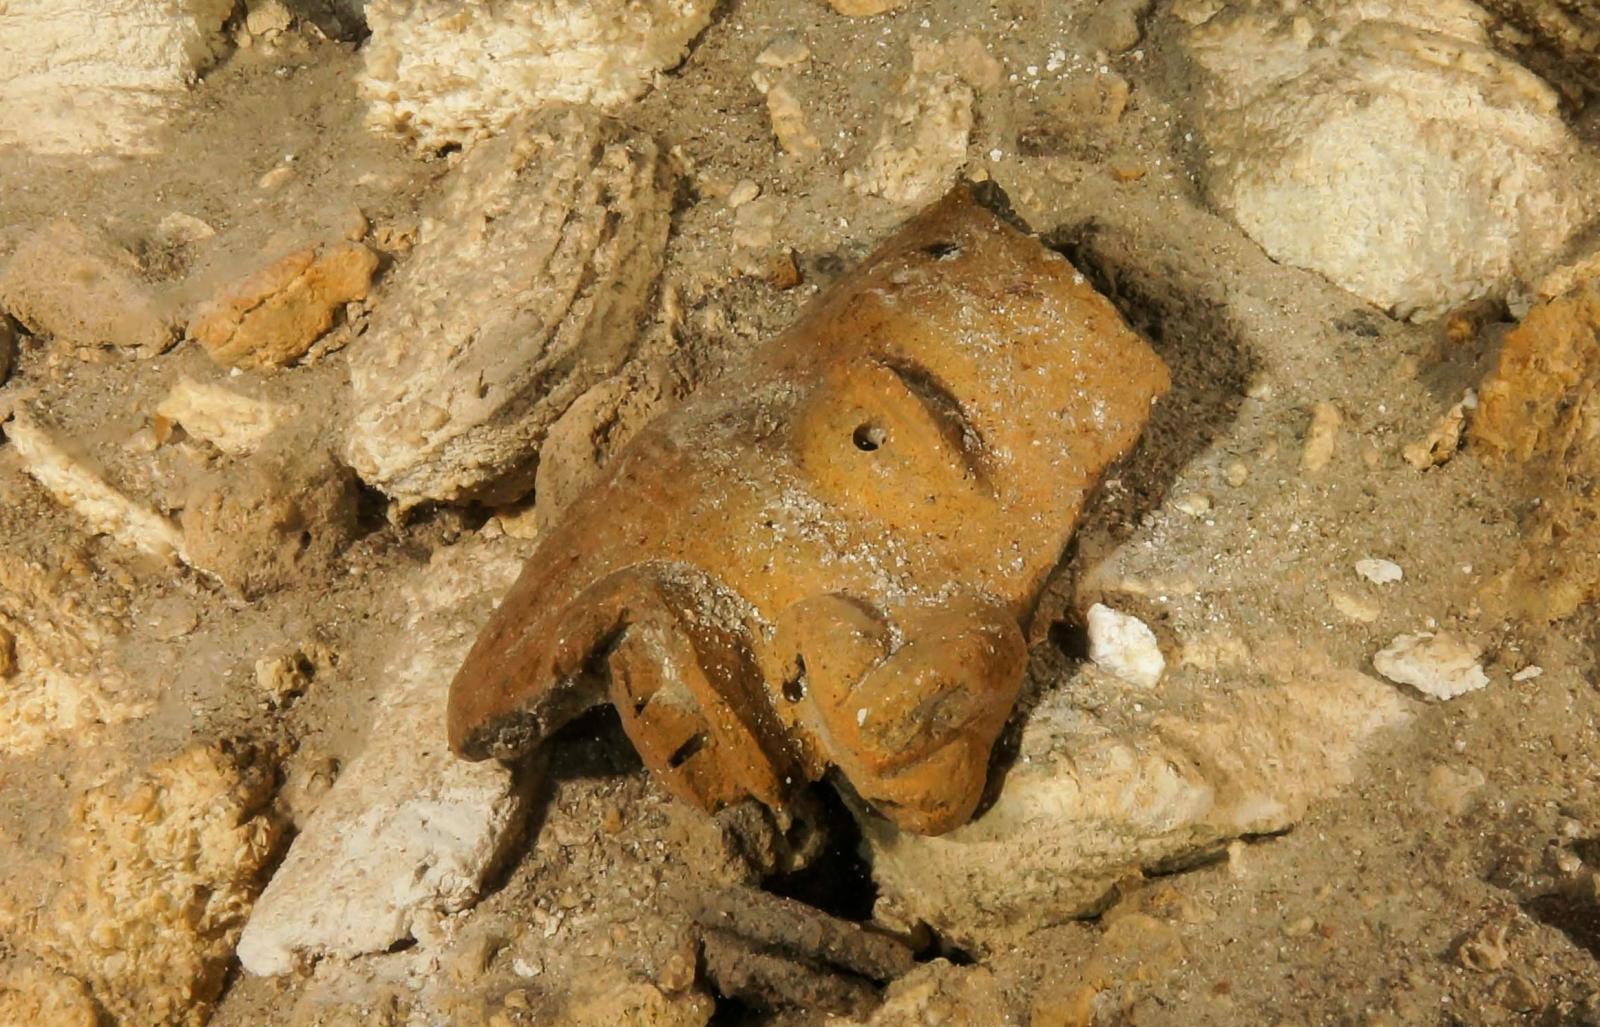 พบฟอสซิล-โบราณวัตถุ ในถ้ำใต้น้ำยาวที่สุดในโลก